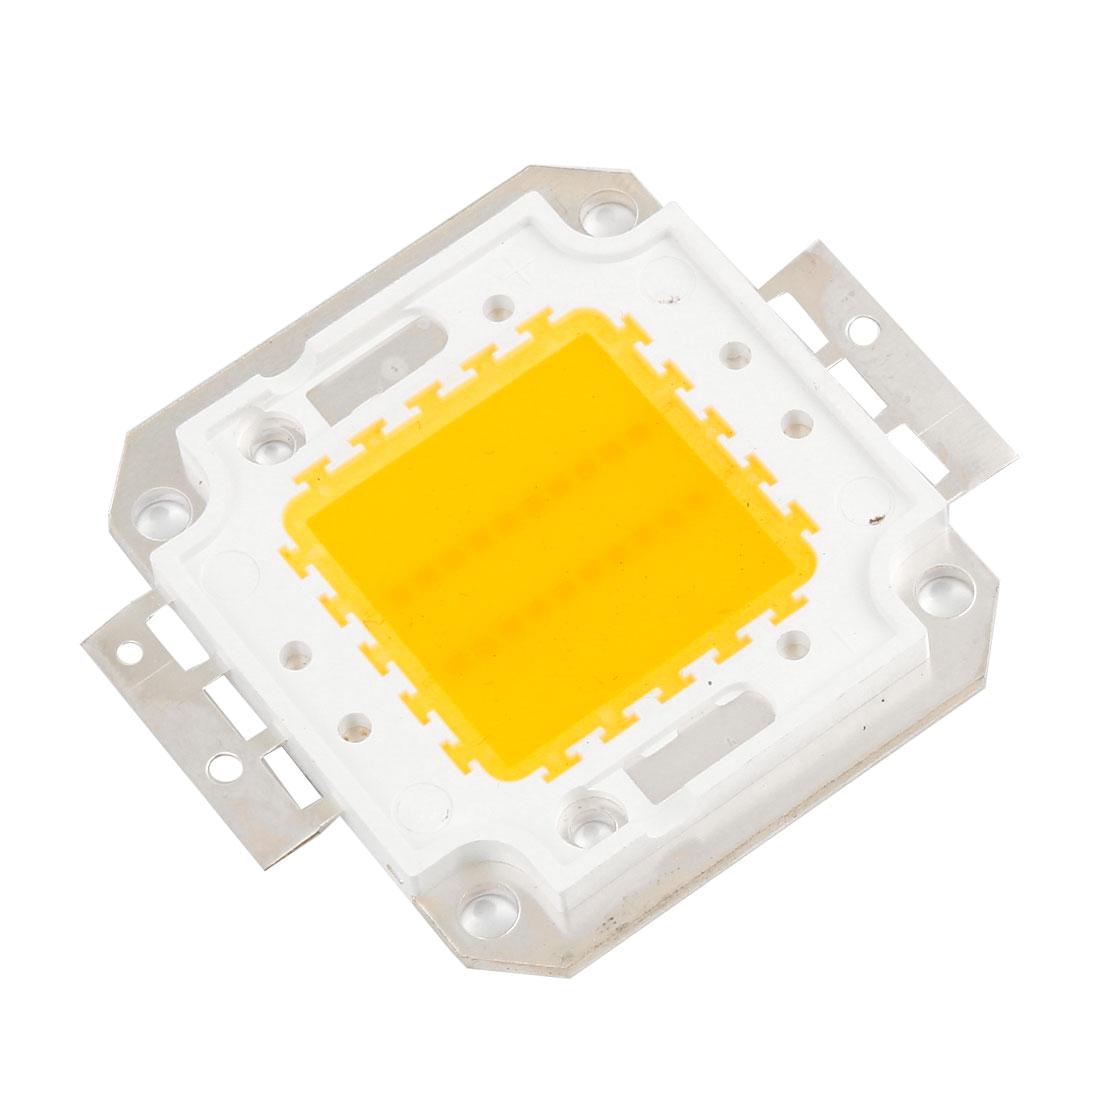 32-34V 20W Warm White Light Square High Power SMD LED Chip Lamp Bulb